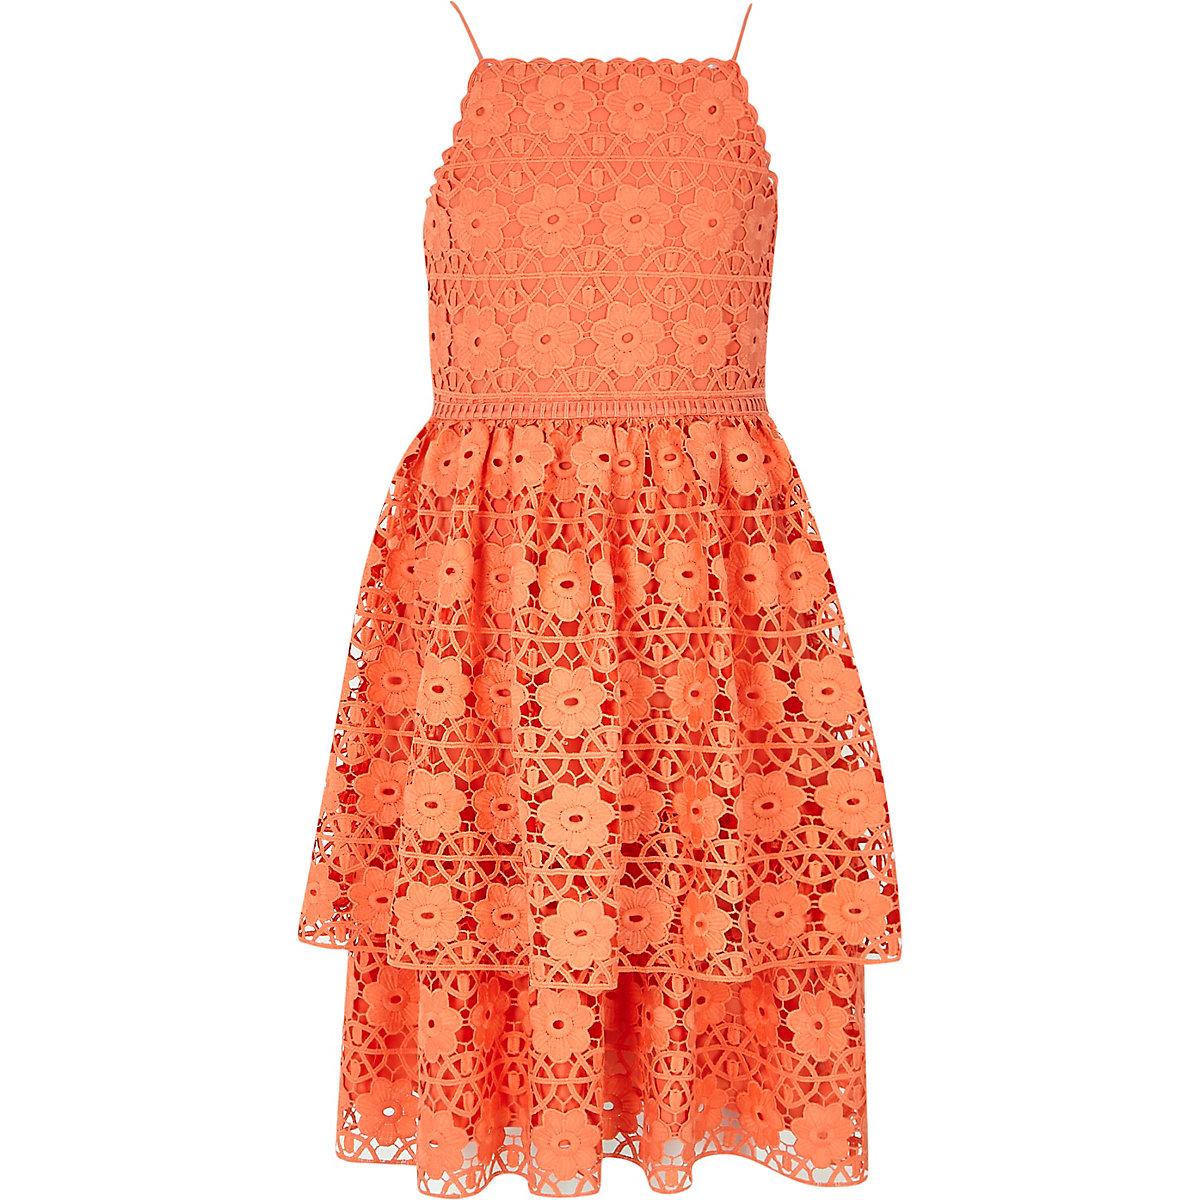 Robe orange en dentelle à volants pour fille